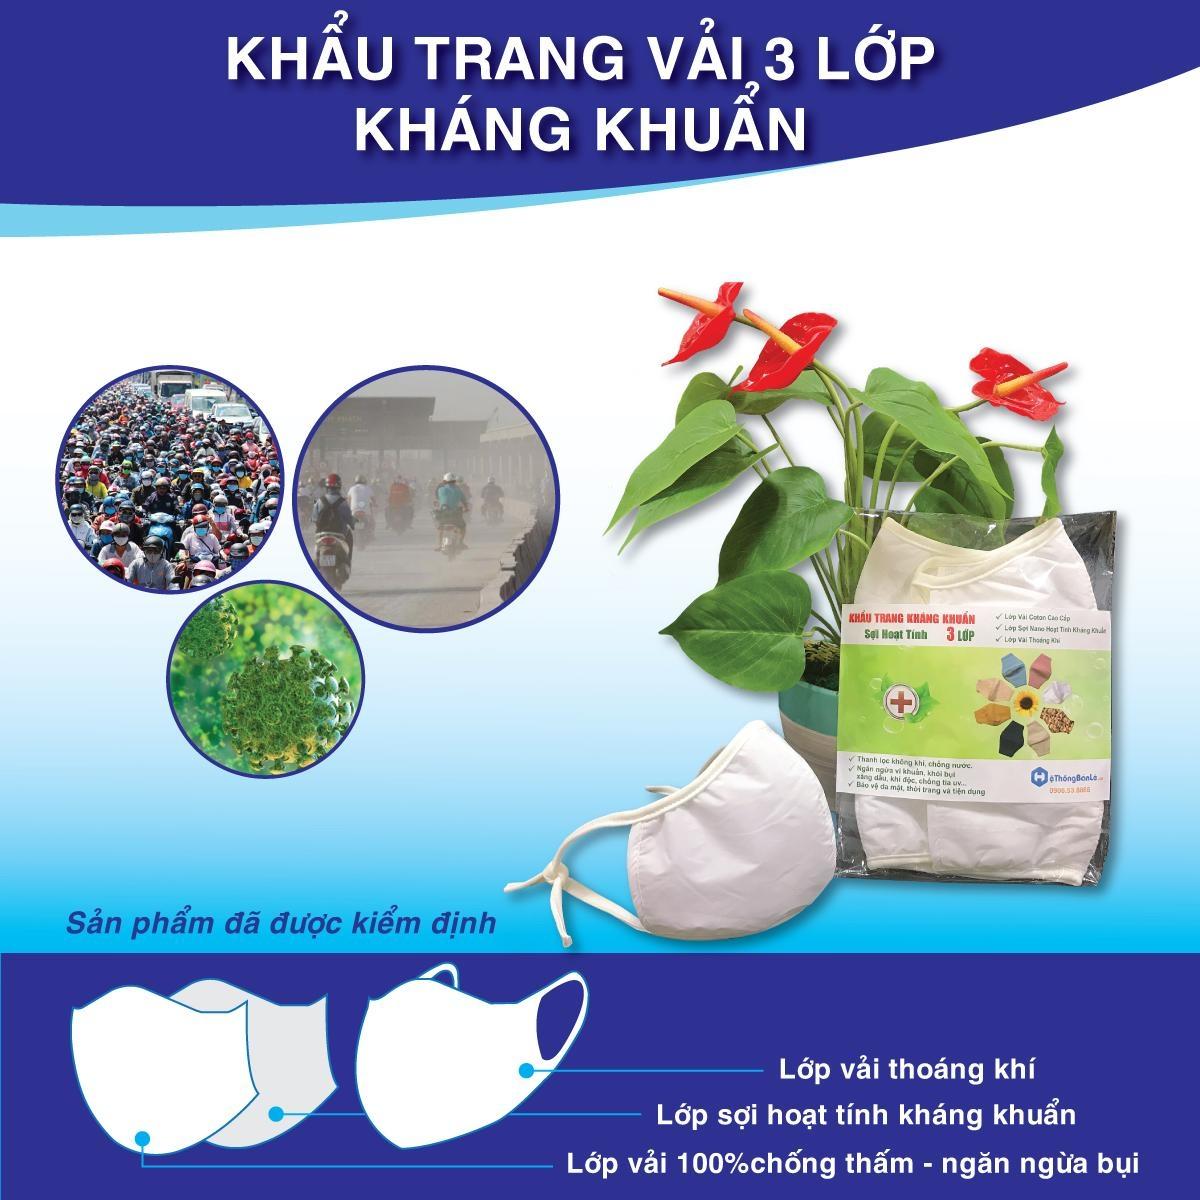 combo 20 cái khẩu trang vải loại 03 lớp kháng khuẩn, kháng nước tái sử dụng đến 30 lần